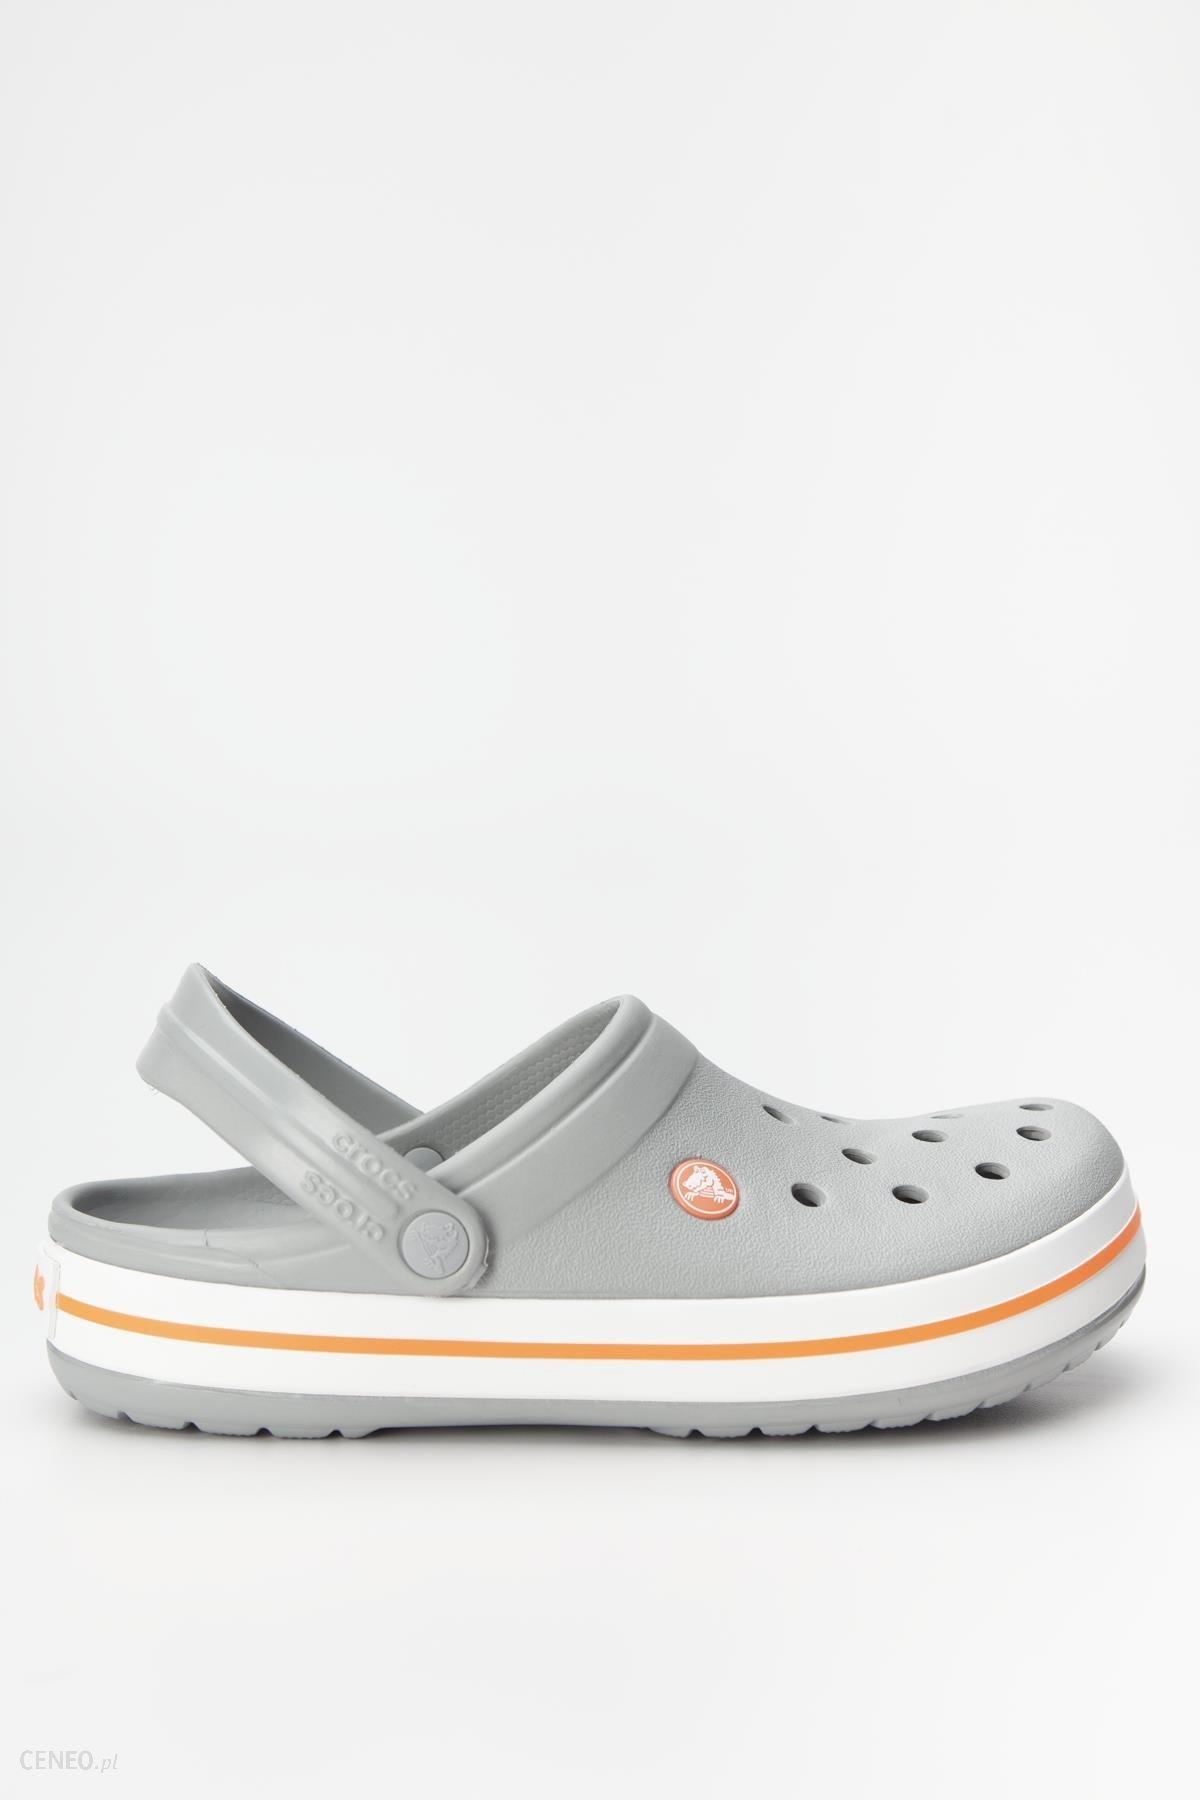 Chodaki Crocs Crocband Light Greyb C 3738 (M5) Ceny i opinie Ceneo.pl